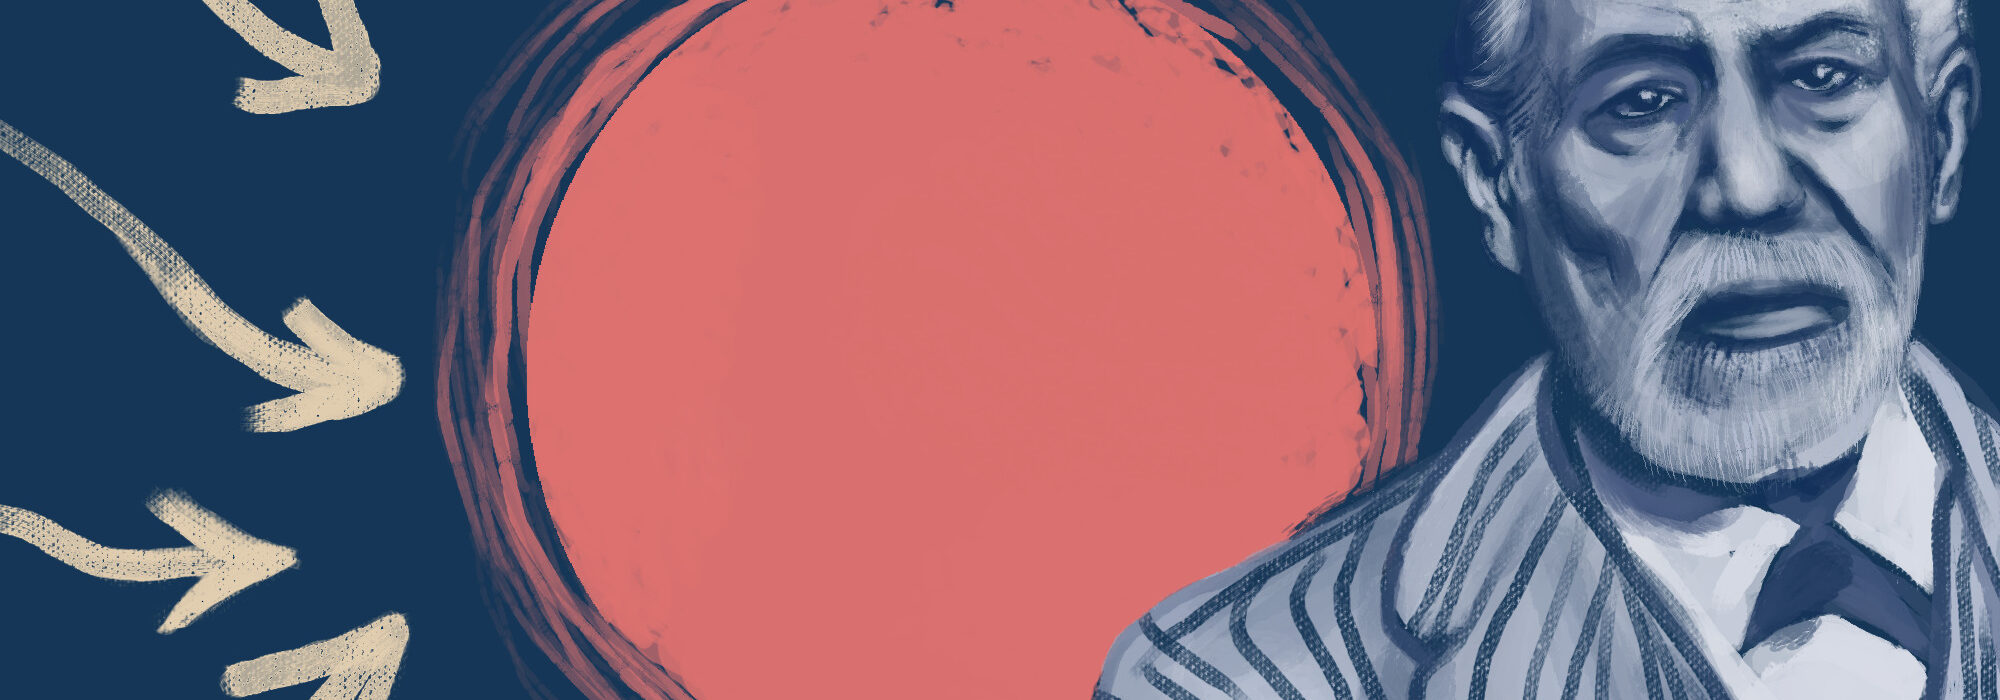 Ilustração: Rafaela Gonçalves, 2021